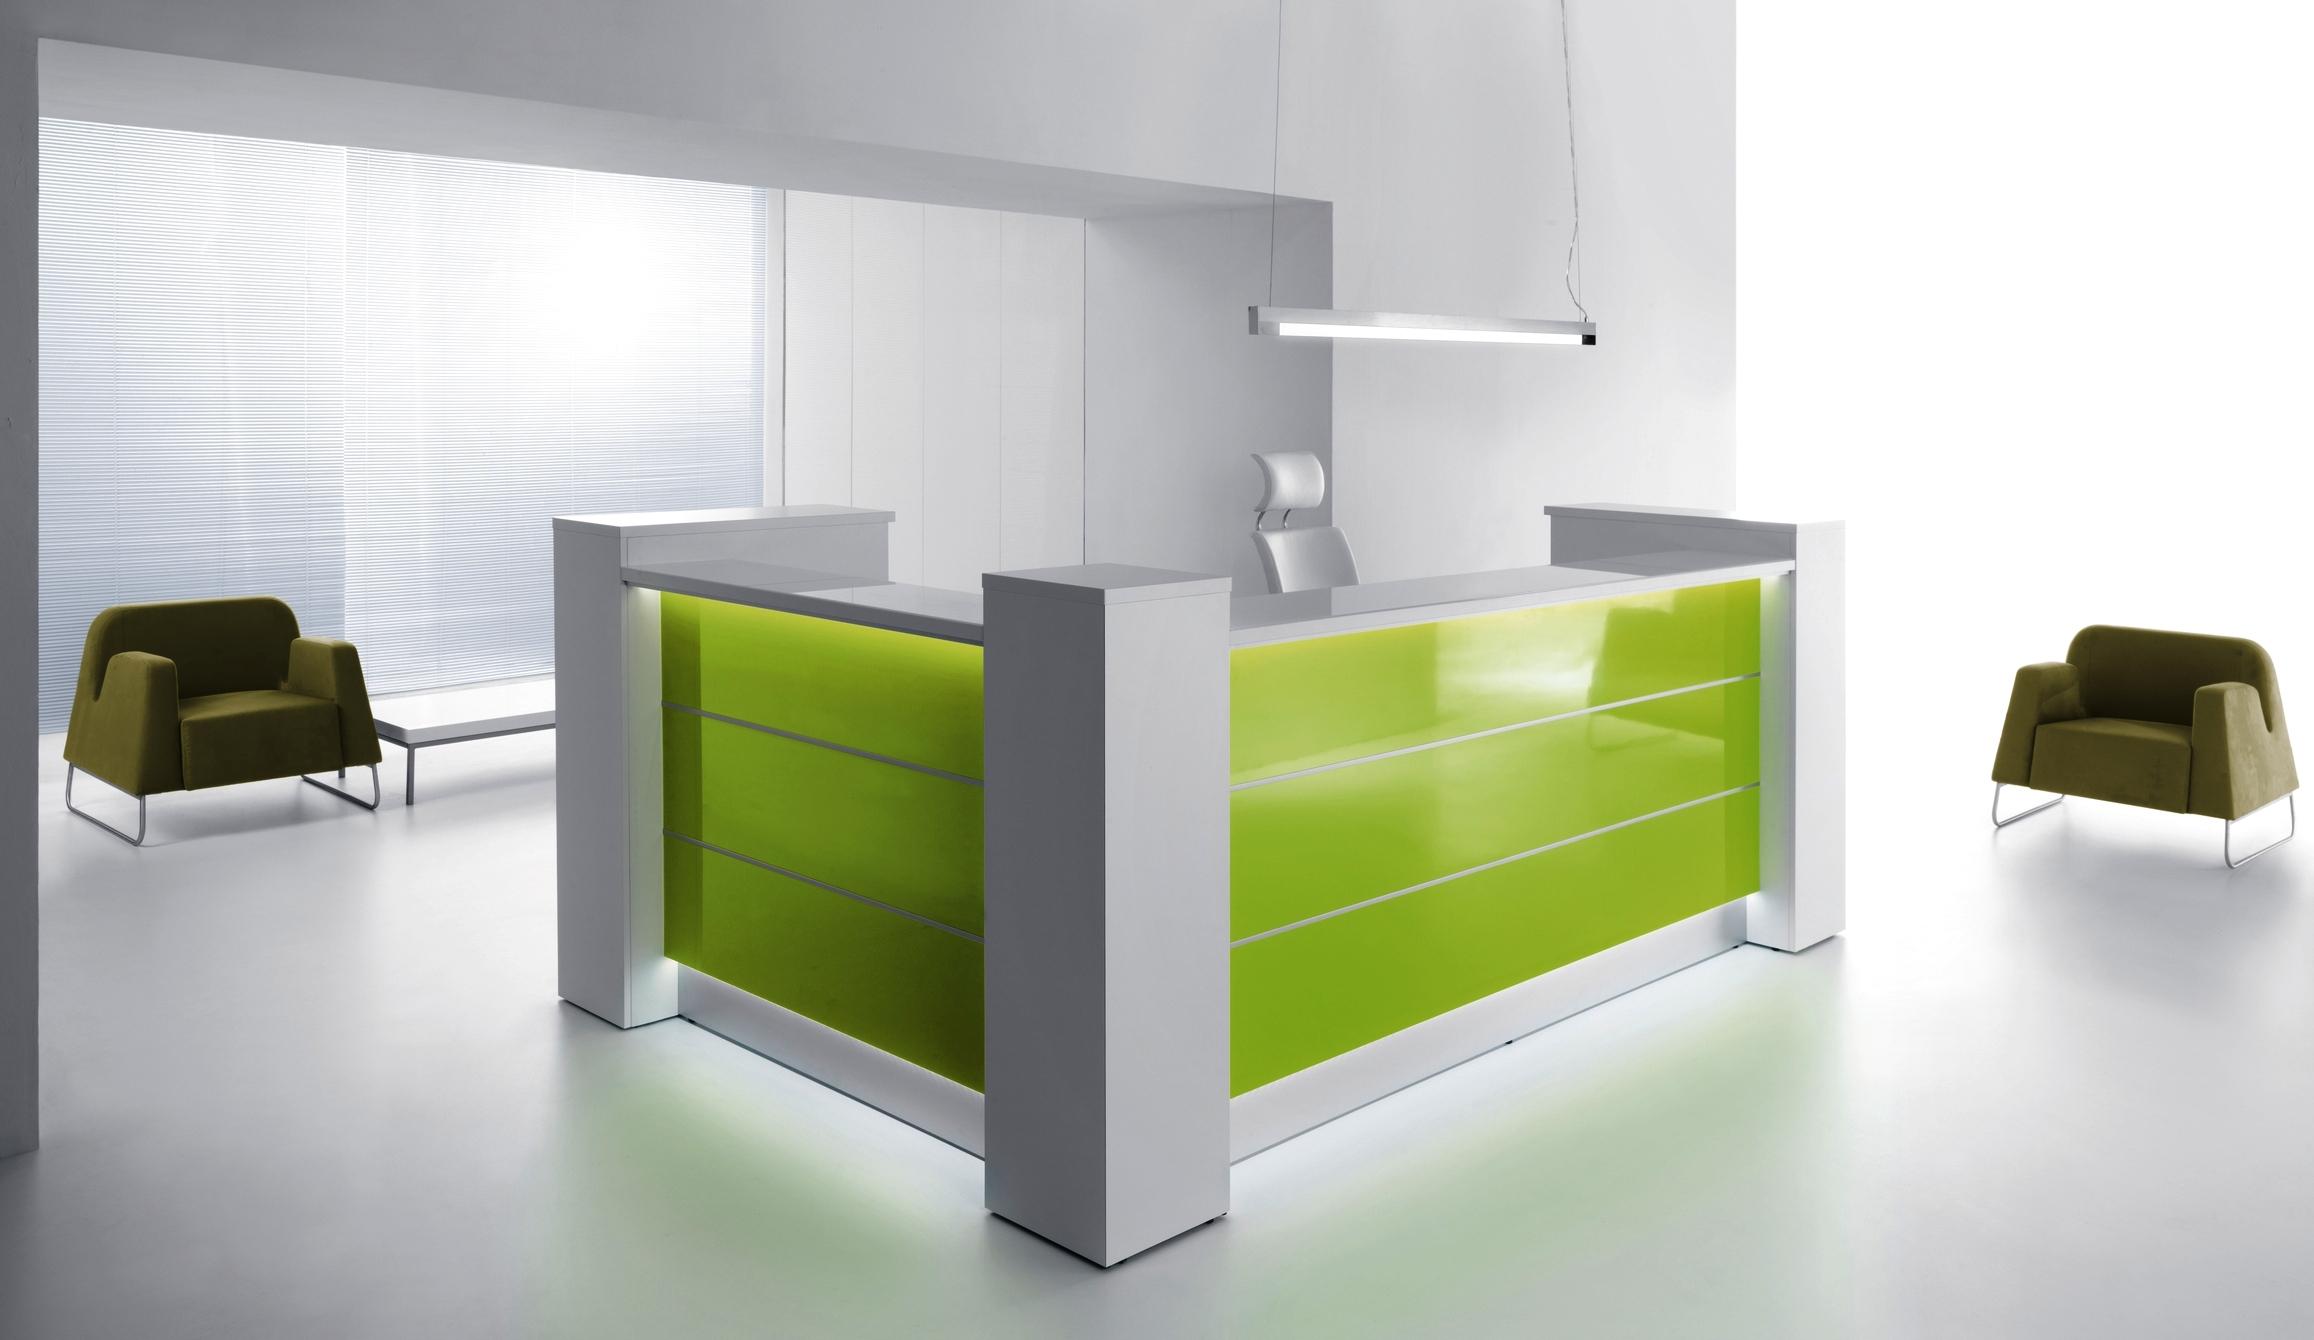 Espace accueil Banque accueil Ubia mobilier bureau valde20 Ubia